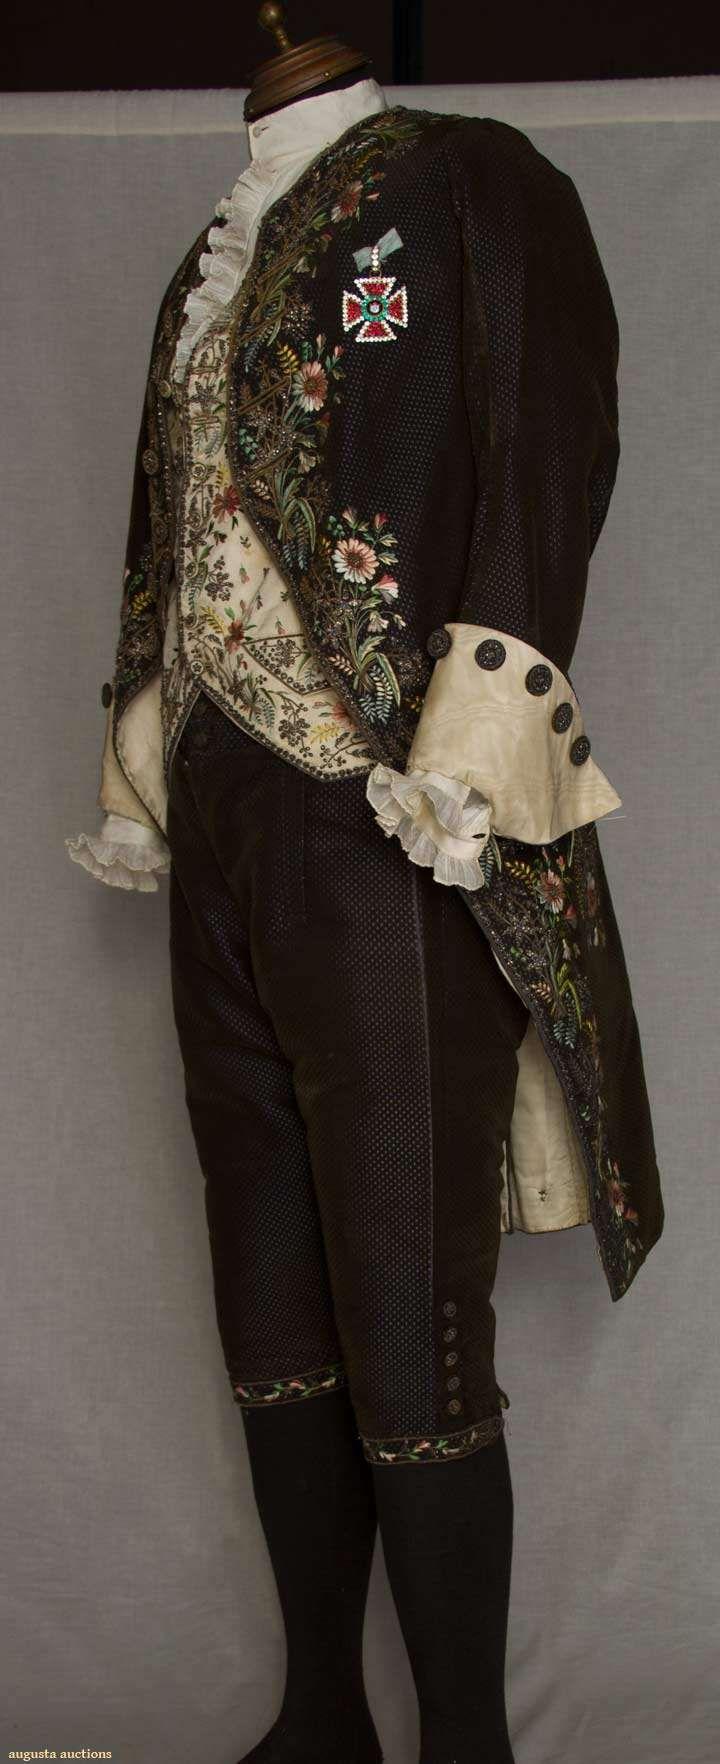 Augusta Auctions, March 30, 2011 - St. Pauls, Lot 138: Gent's Four Piece Formal Court Suit, C. 1820